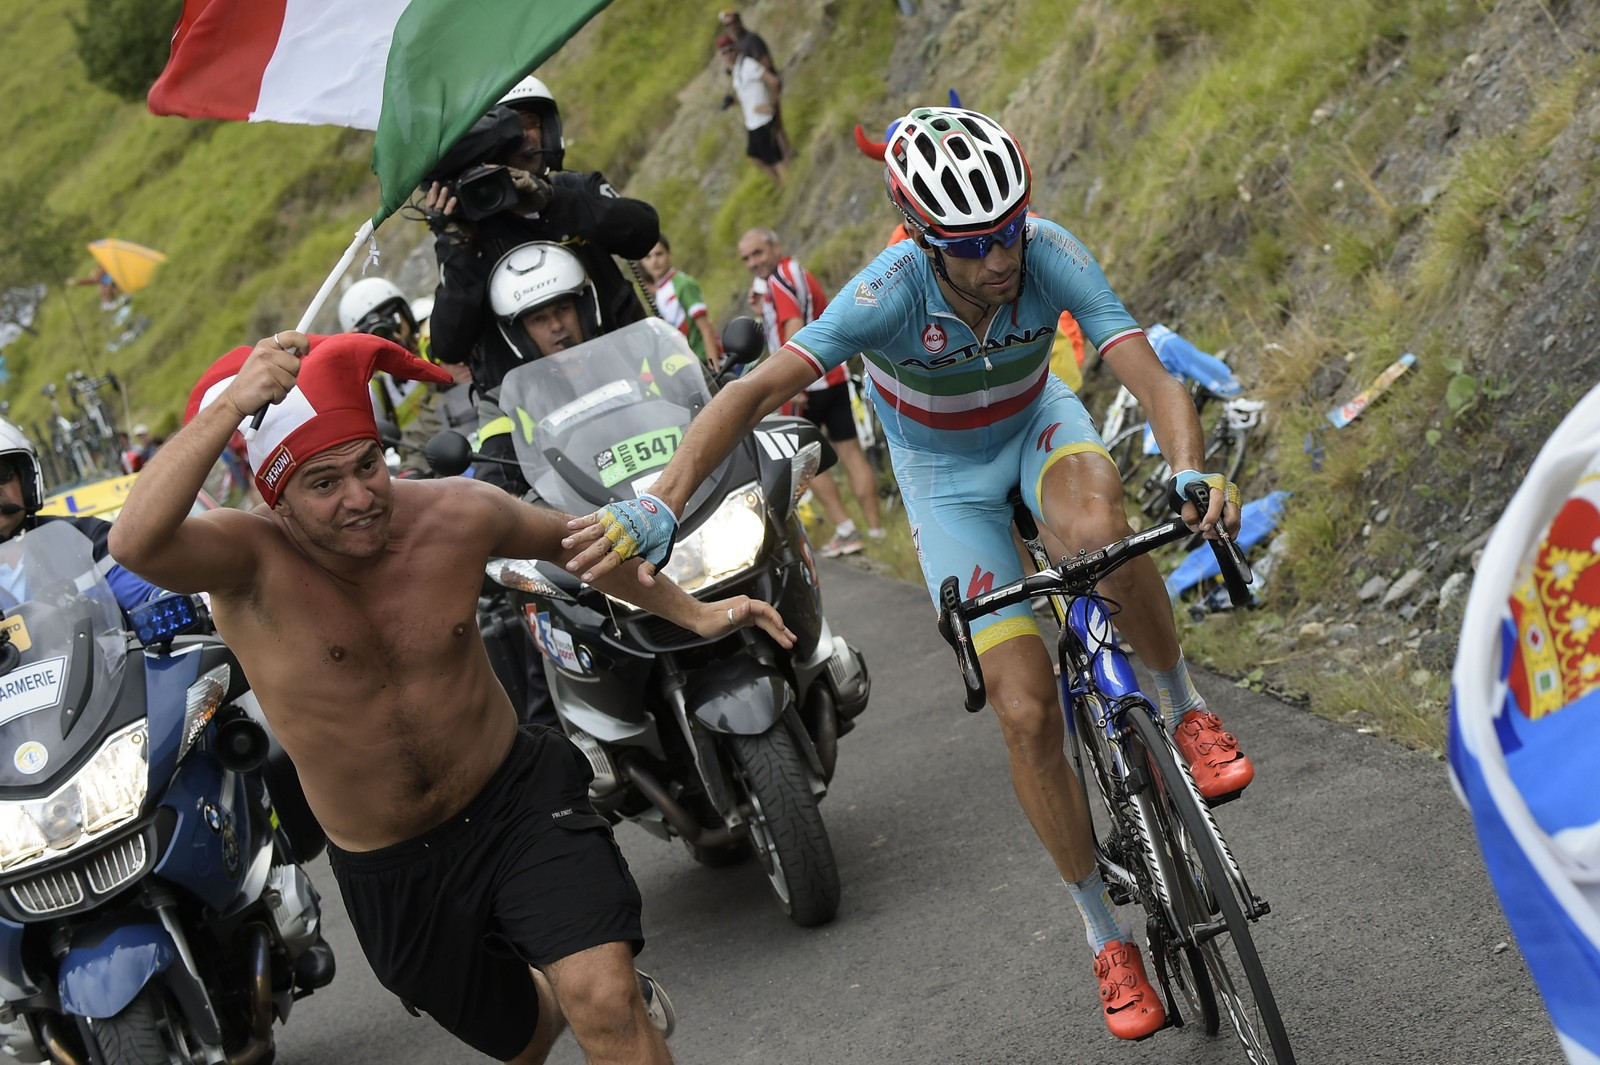 Også de andre rytterne måtte hanskes med tilskuere. Her må Vincenzo Nibali dytte vekk en nærgående supporter. AFP PHOTO / LIONEL BONAVENTURE